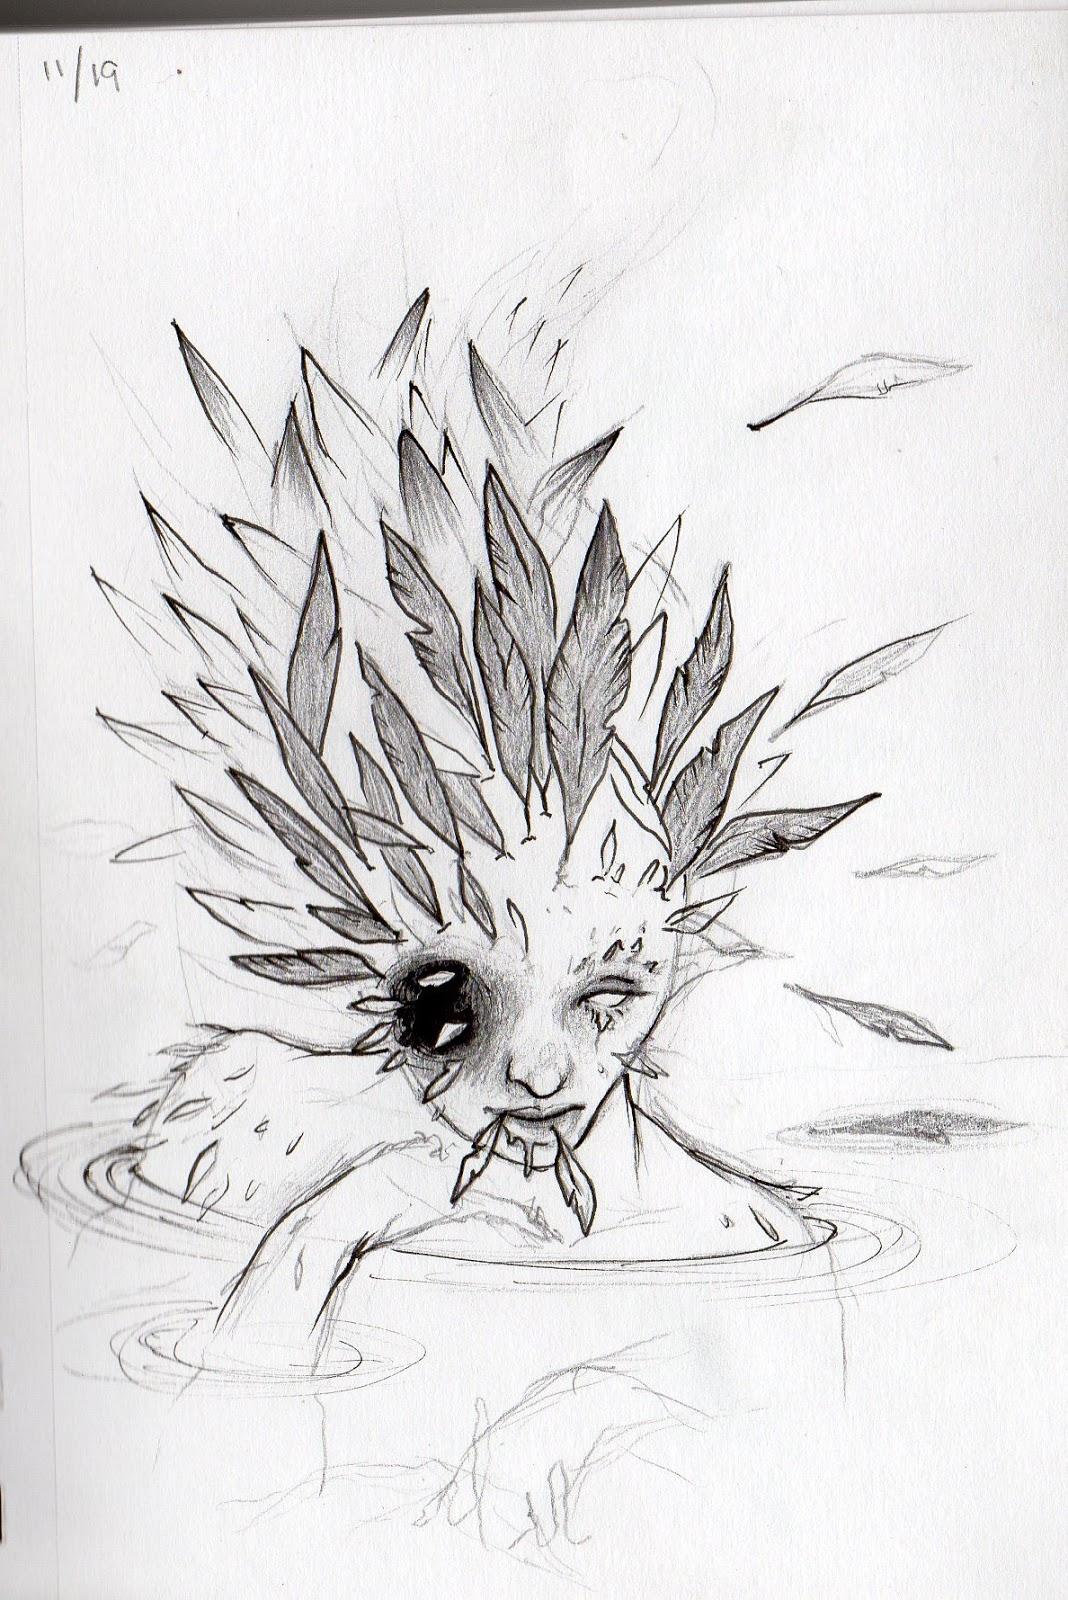 Eyegear Illustrations: Sketching ideas